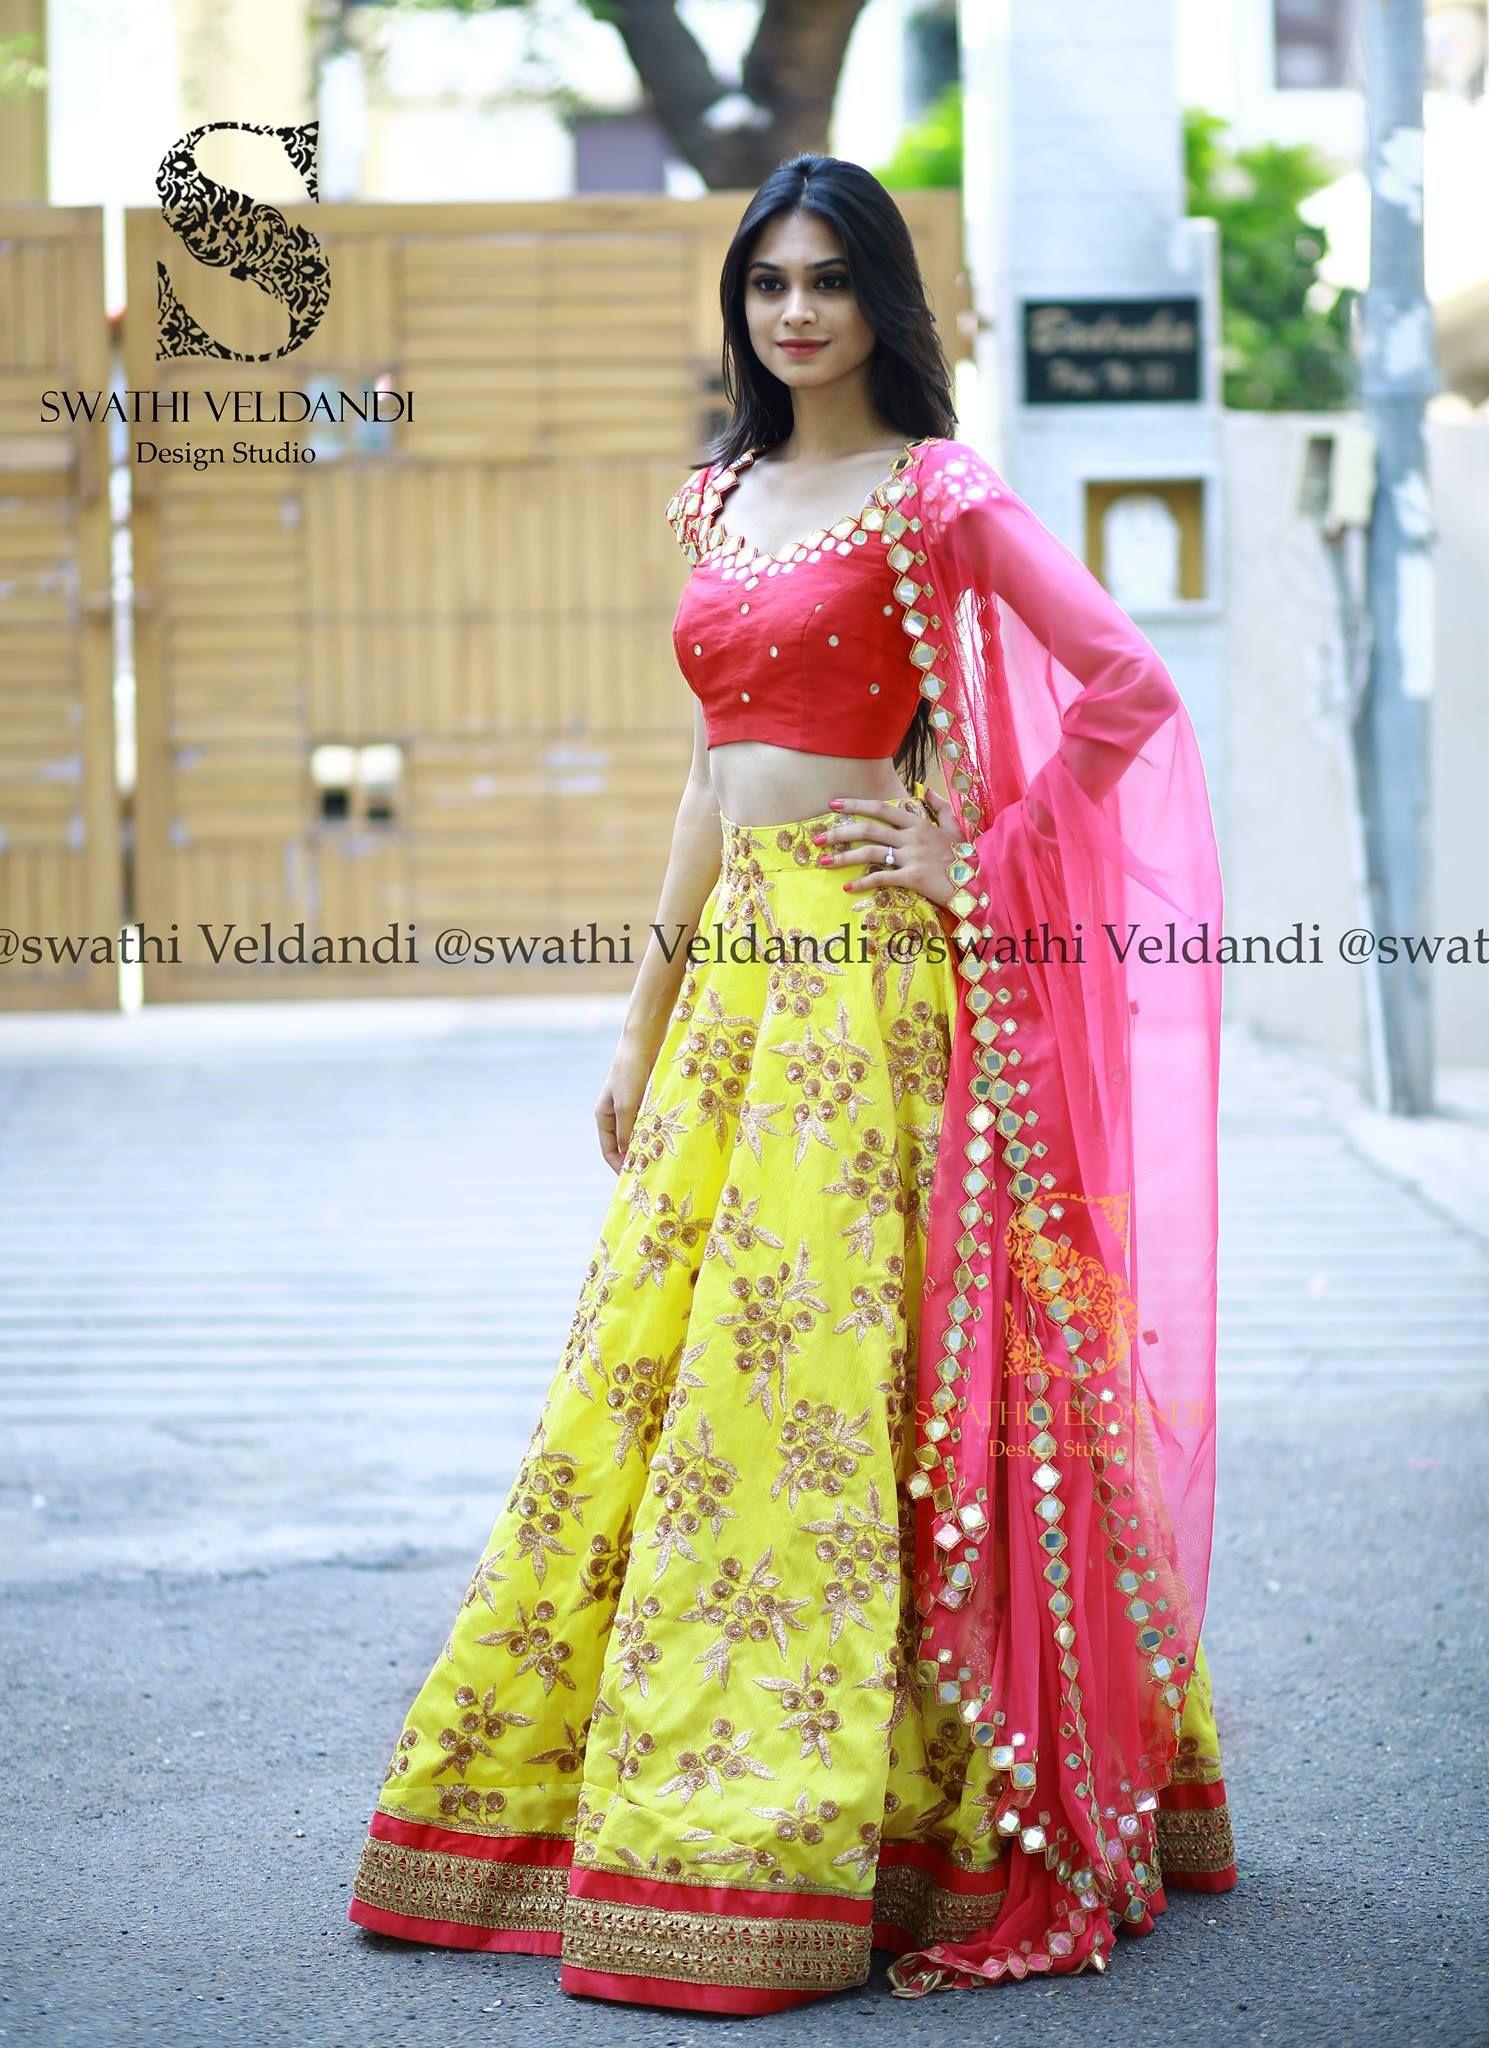 eca463ba58d4a0 Swathi Veldandi Design Studio. Email   +918179668098.